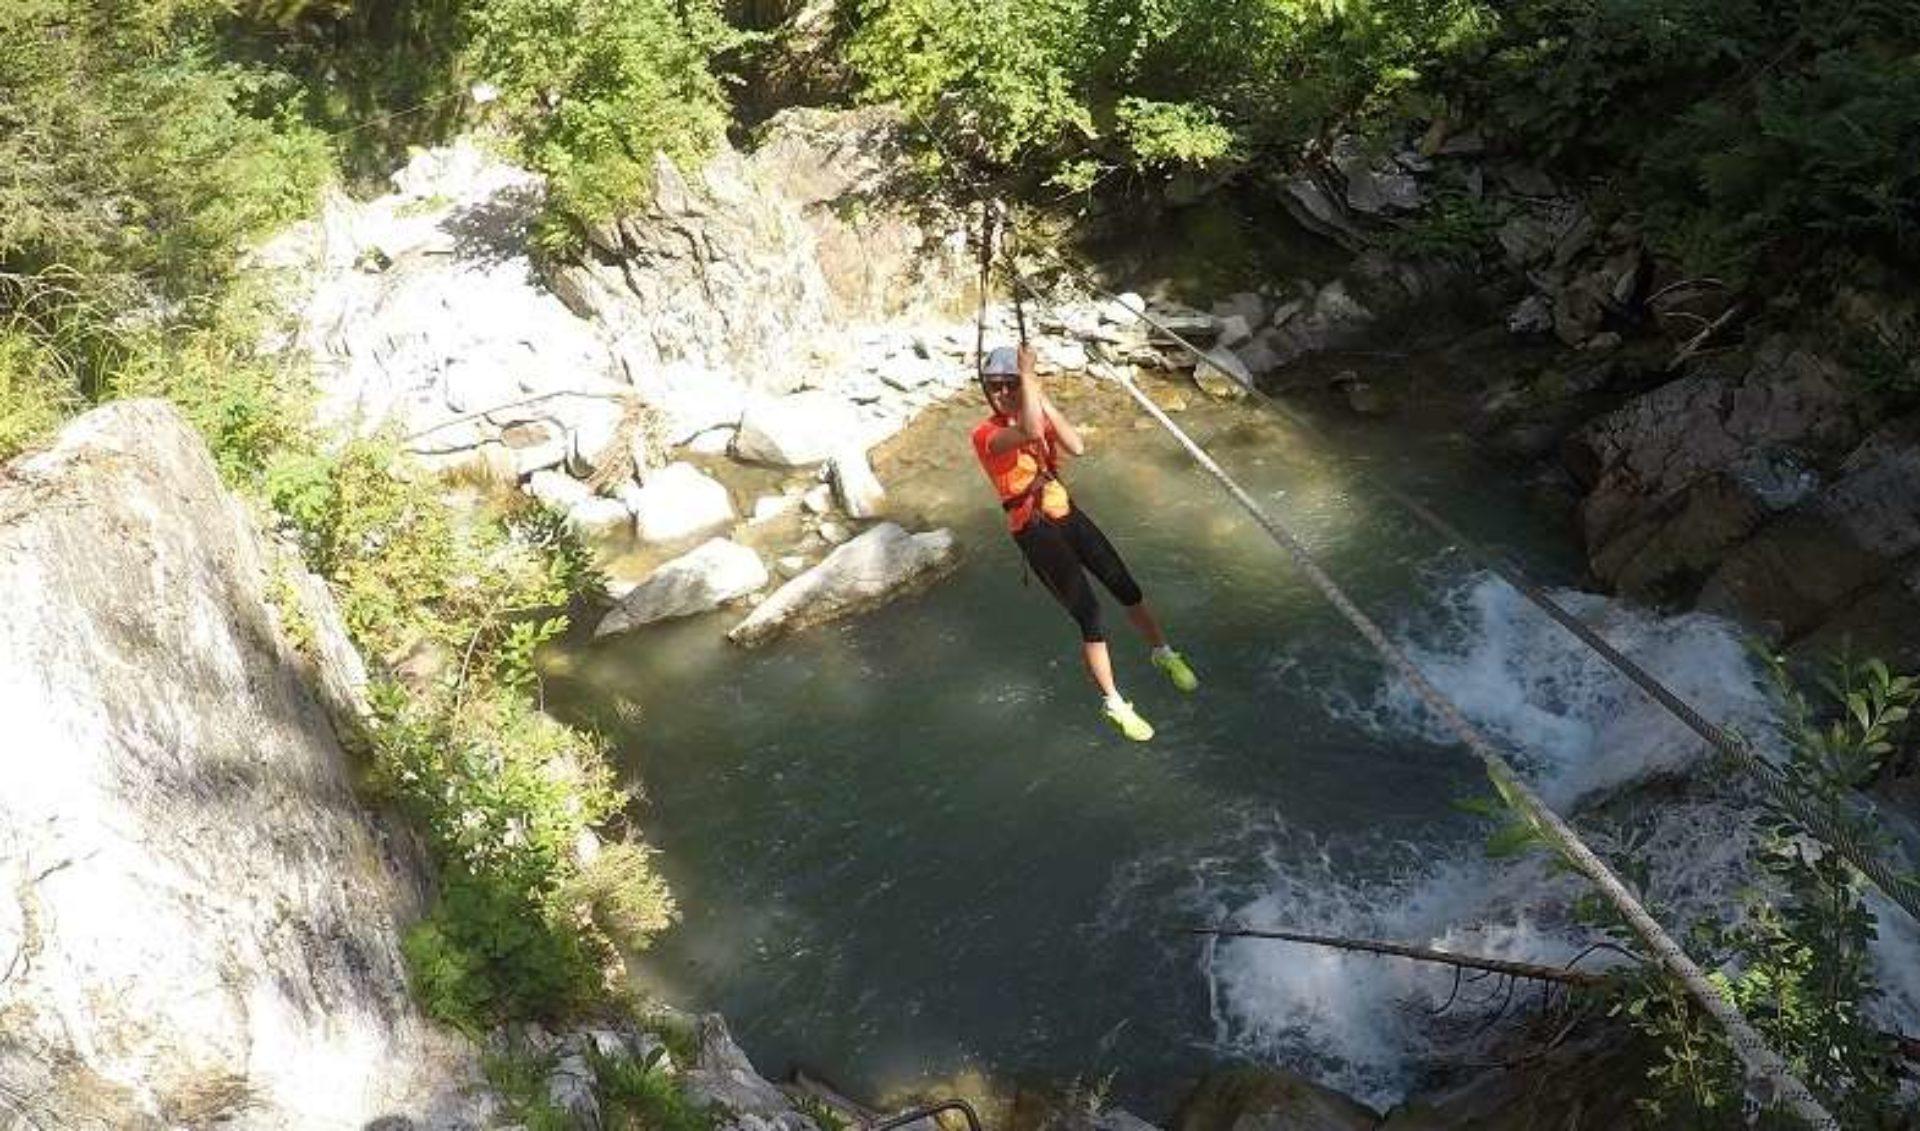 Tarzaning Trentino-Alto Adige